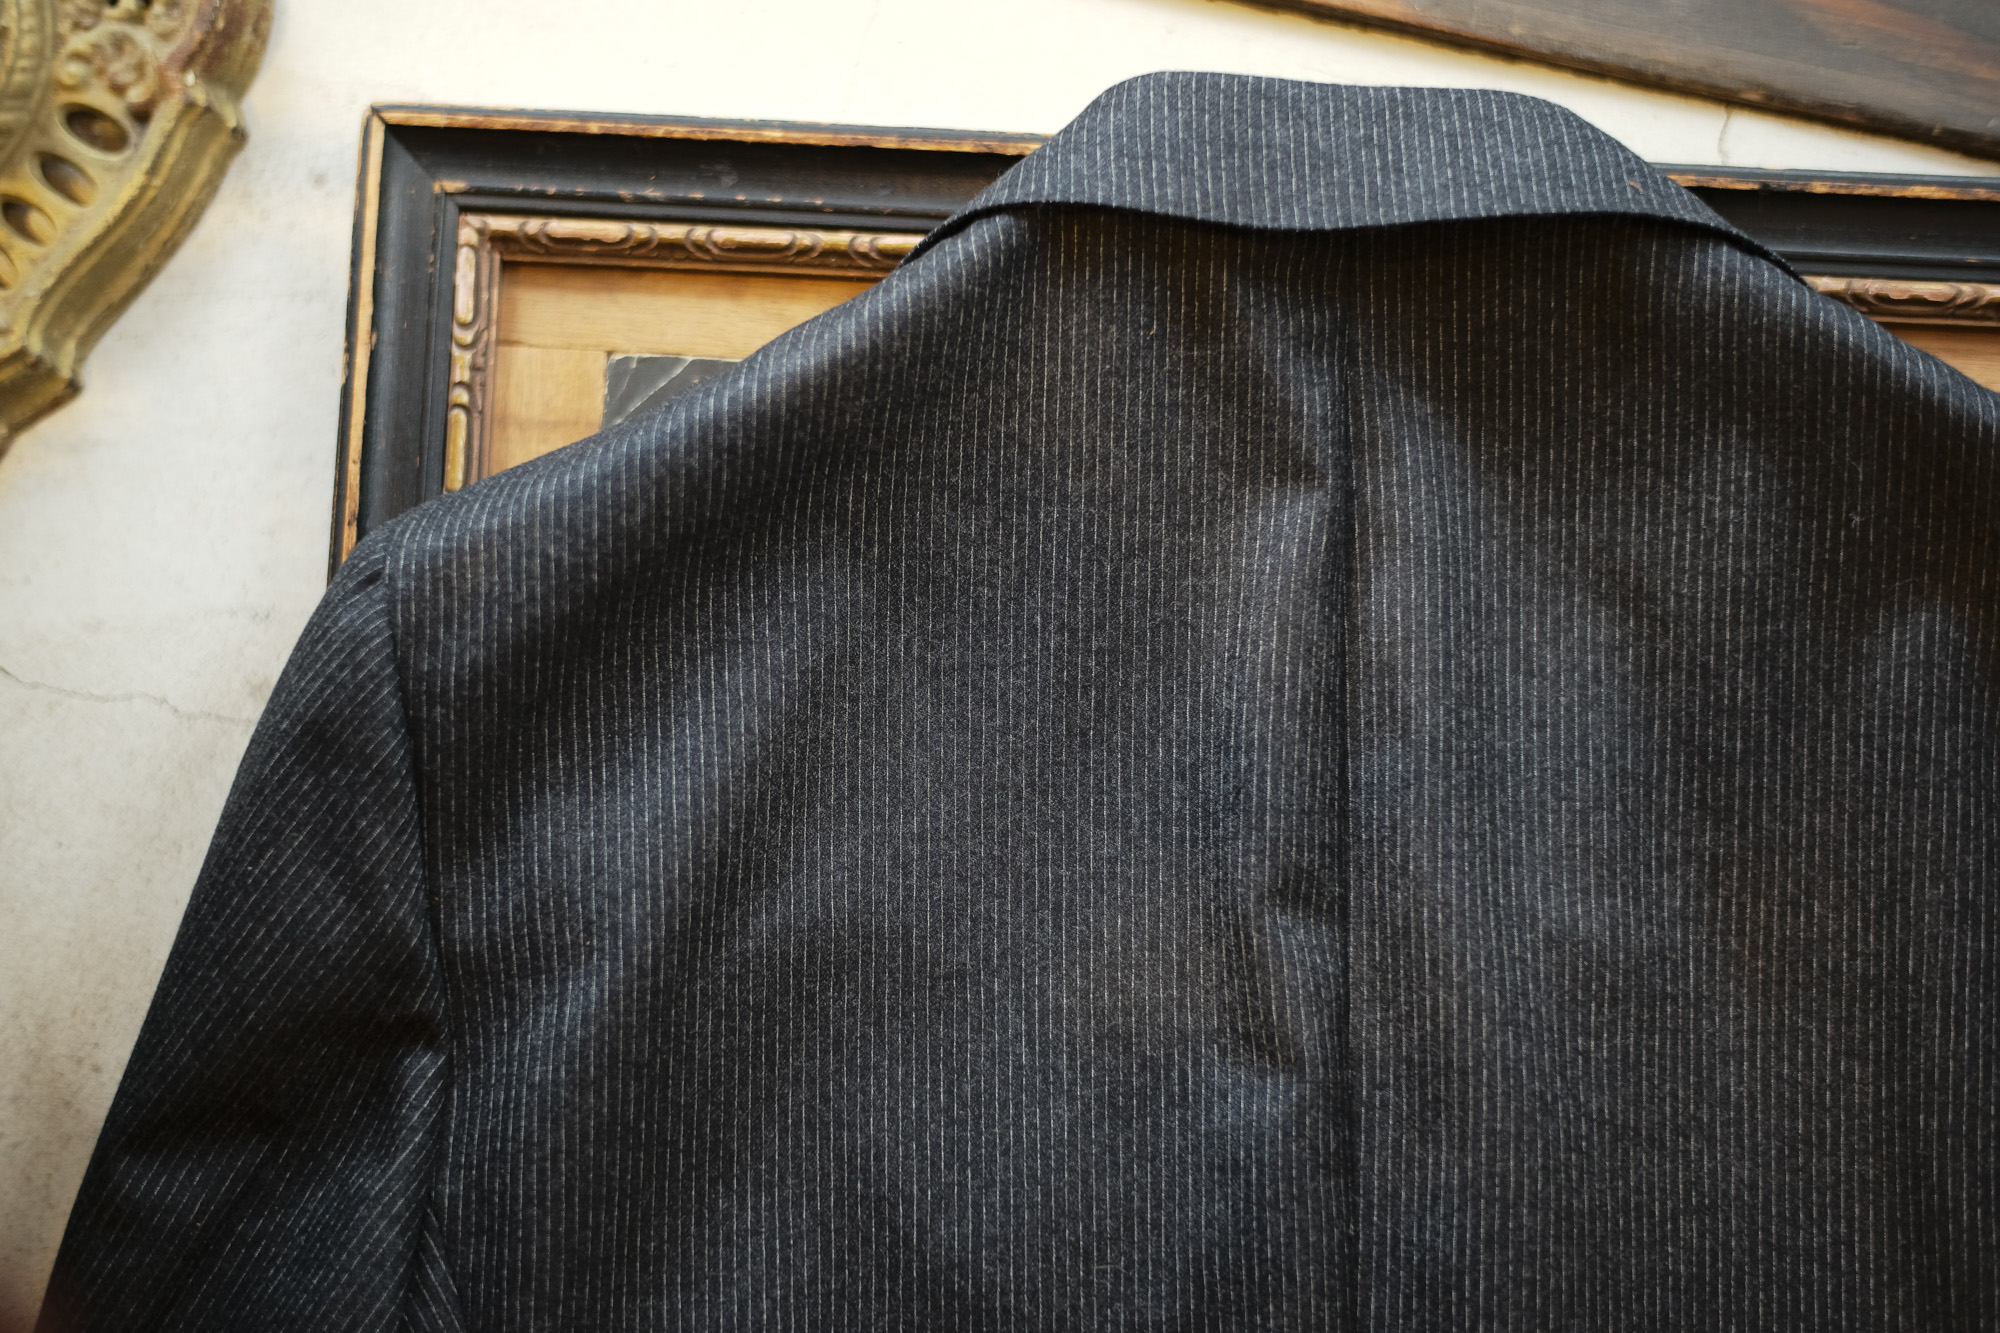 De Petrillo (デ ペトリロ) NAPOLI (ナポリ) ペンシルストライプ 段返り3B スーツ CHARCOAL GRAY (チャコールグレー・70) Made in italy (イタリア製) 2018 秋冬新作 depetrillo デペトリロ 愛知 名古屋 ZODIAC ゾディアック alto e diritto アルトエデリット